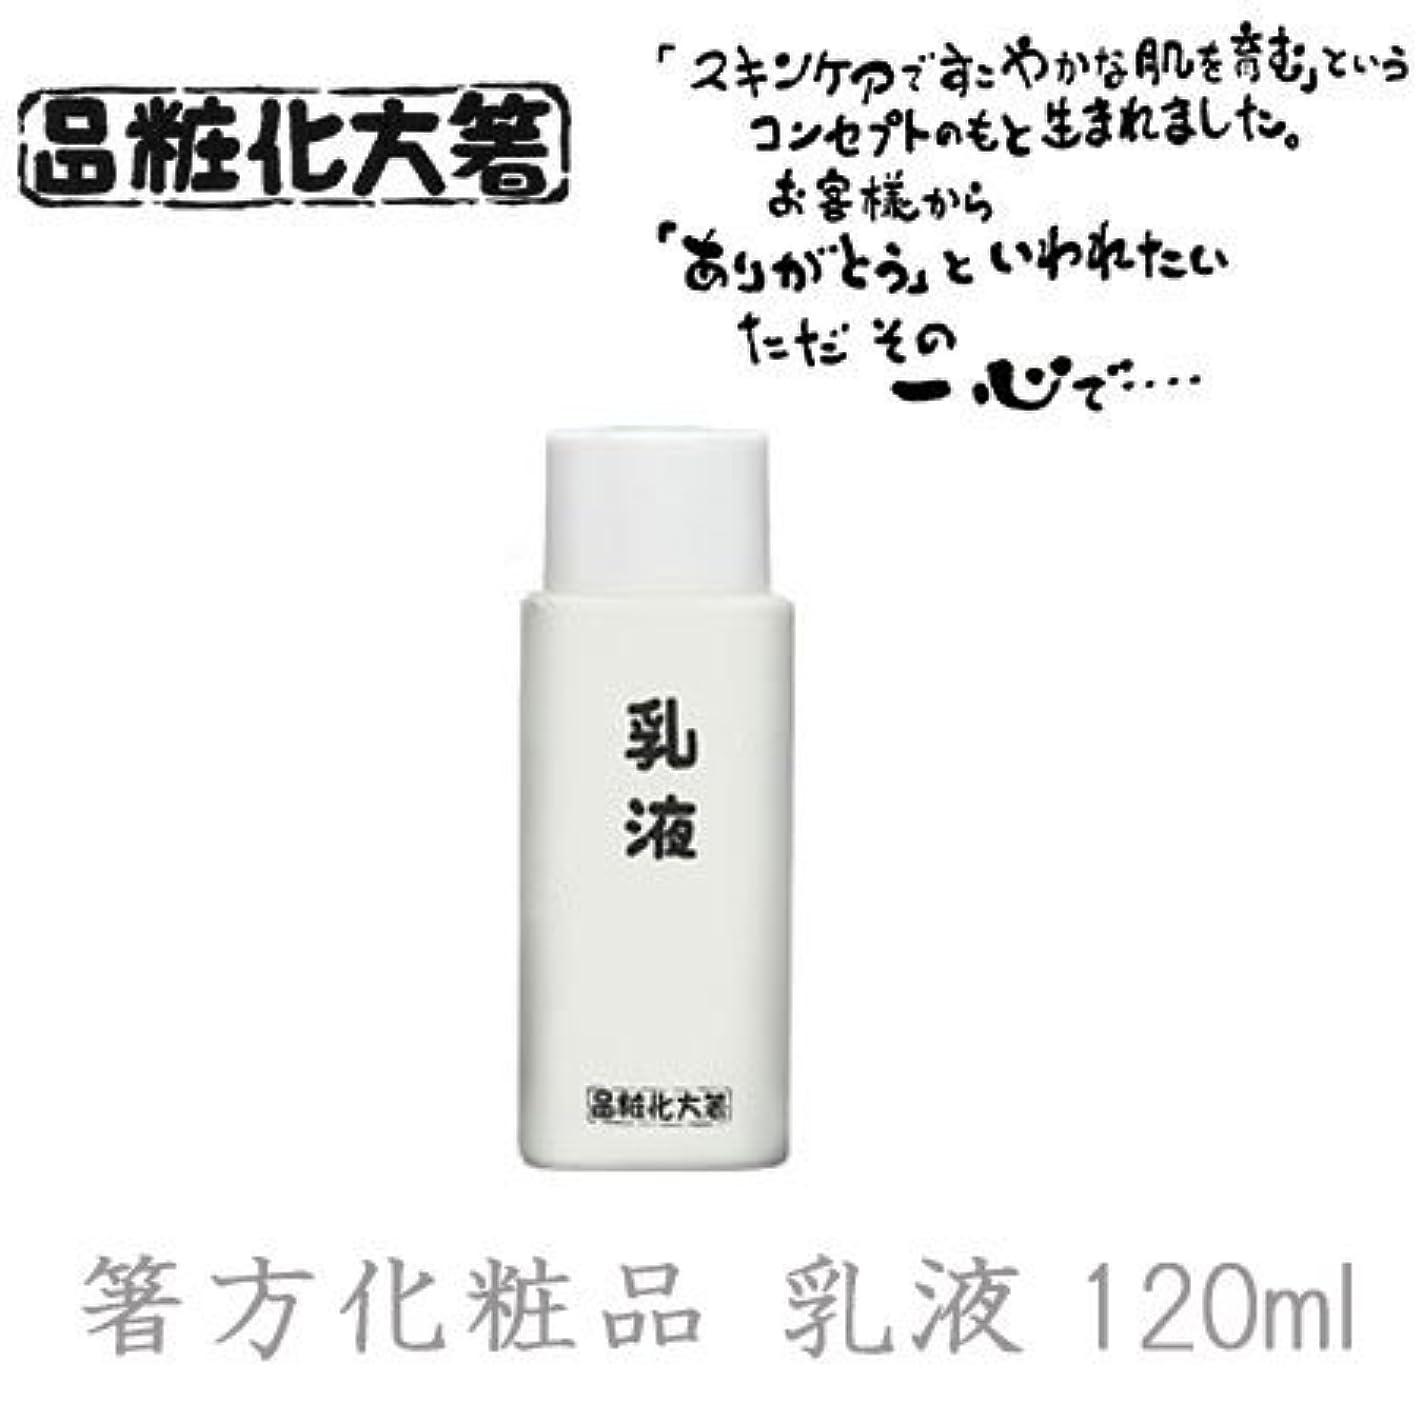 認知旅客機会箸方化粧品 乳液 120ml はしかた化粧品